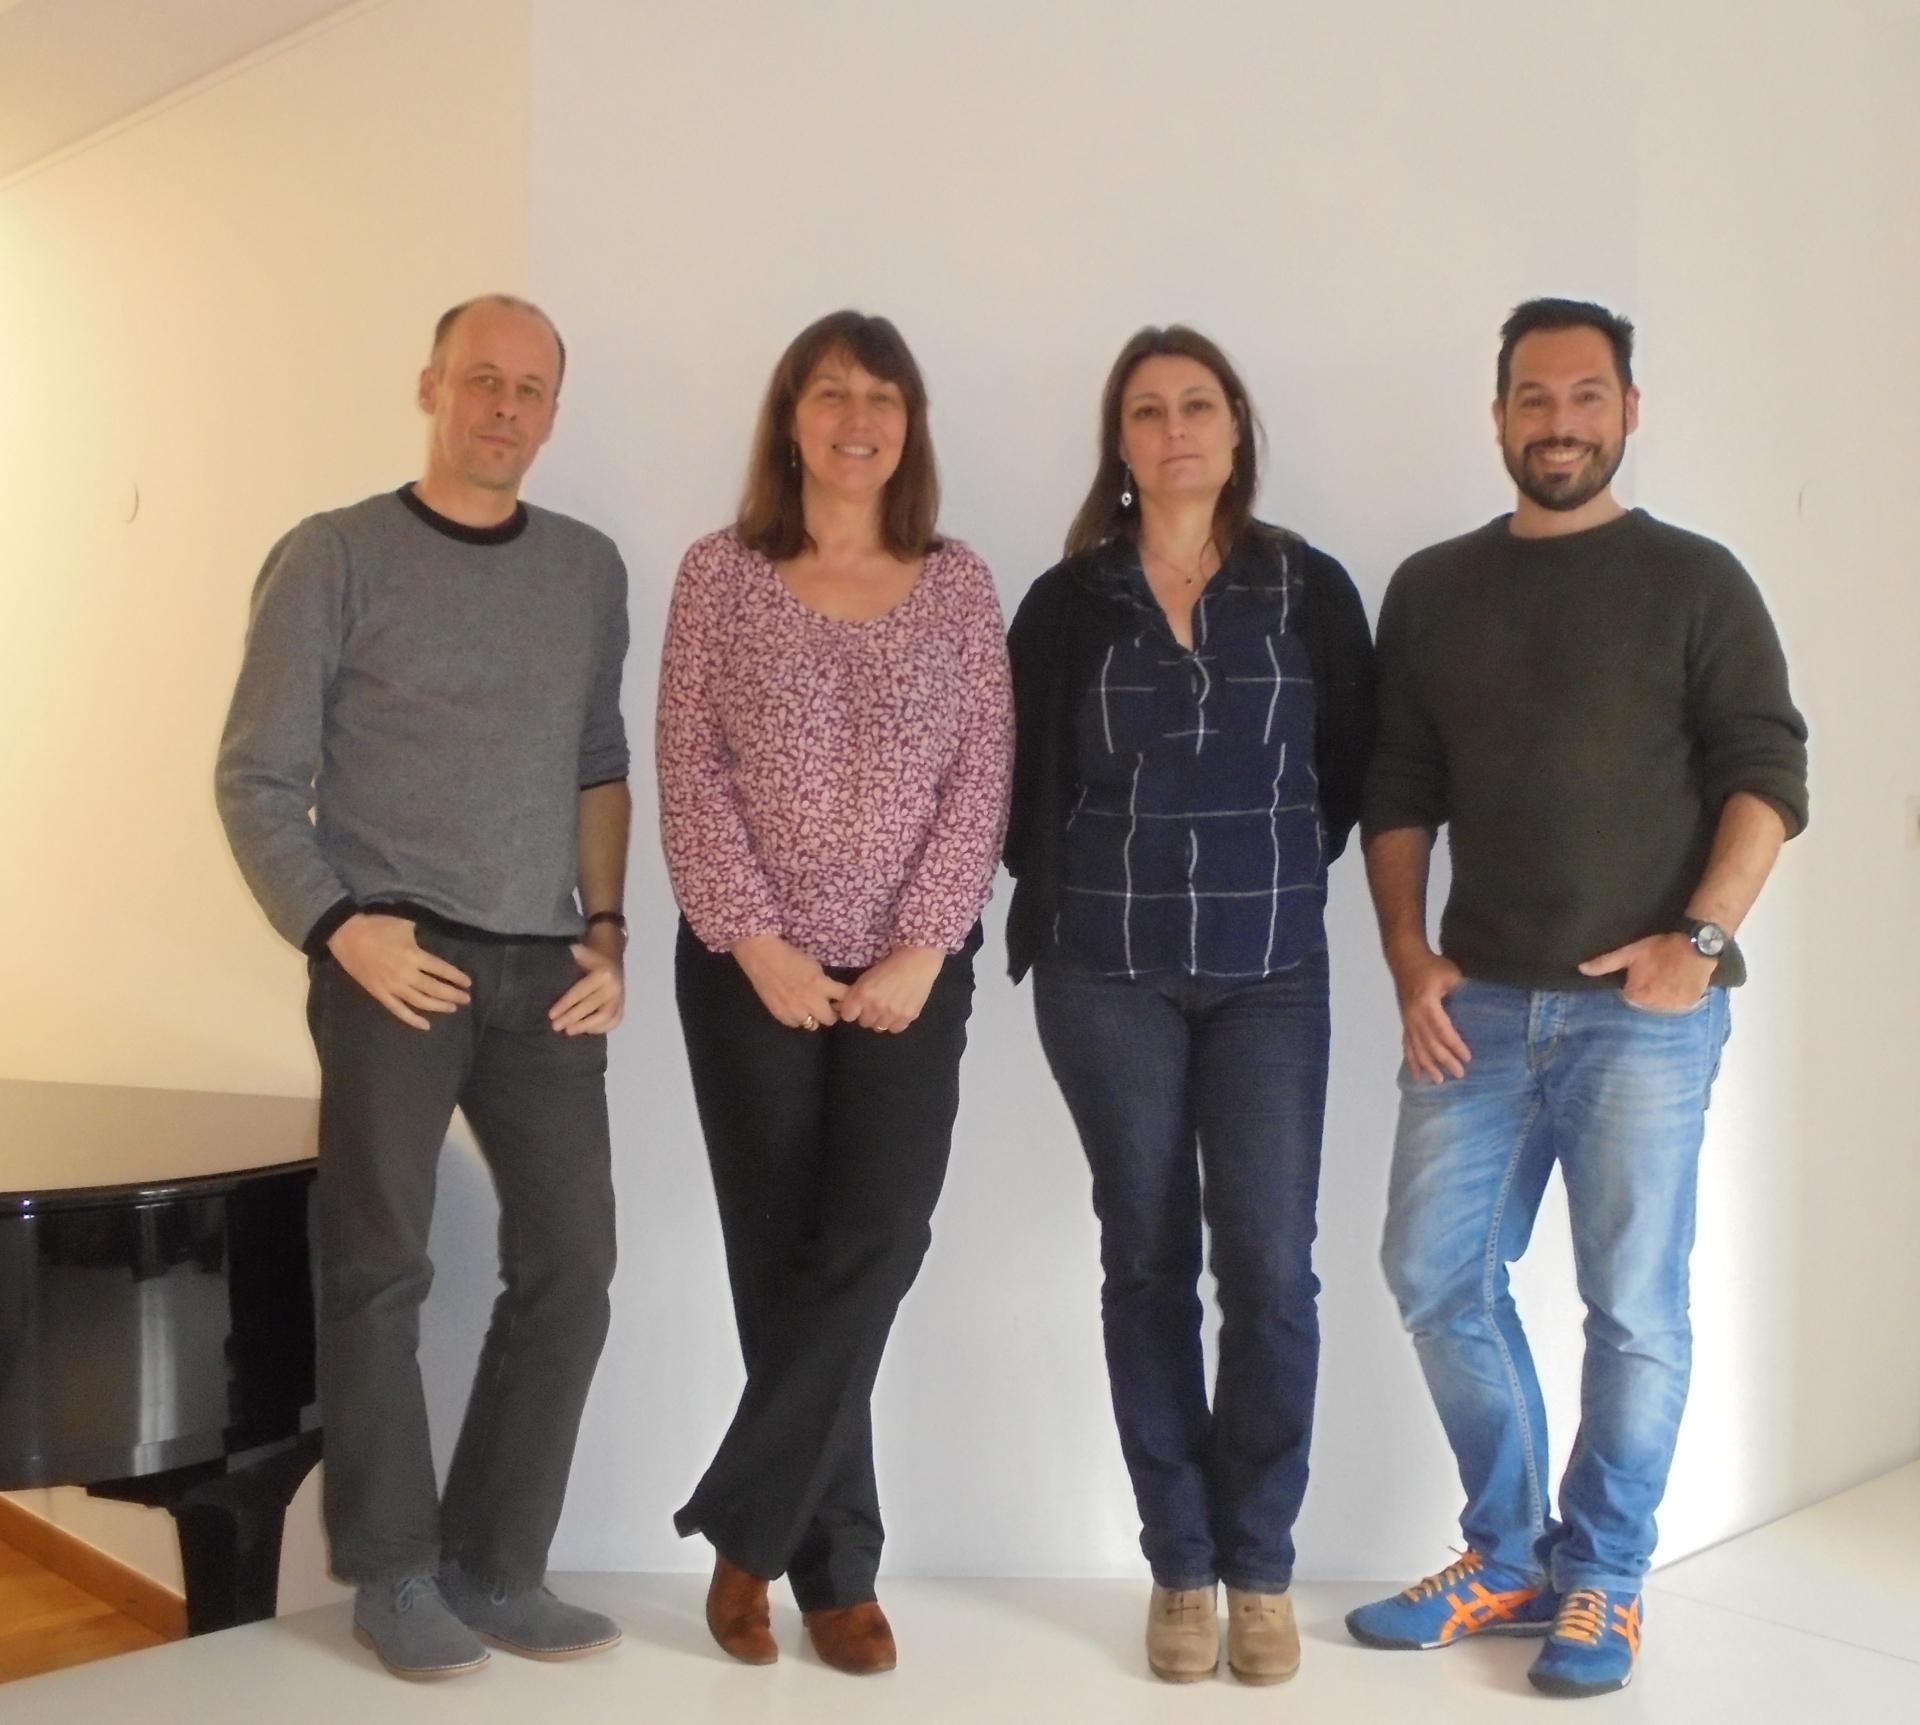 de droite à gauche, Christophe Botti, Isabelle Destrez, Stéphane Mercurio Christophe Martin